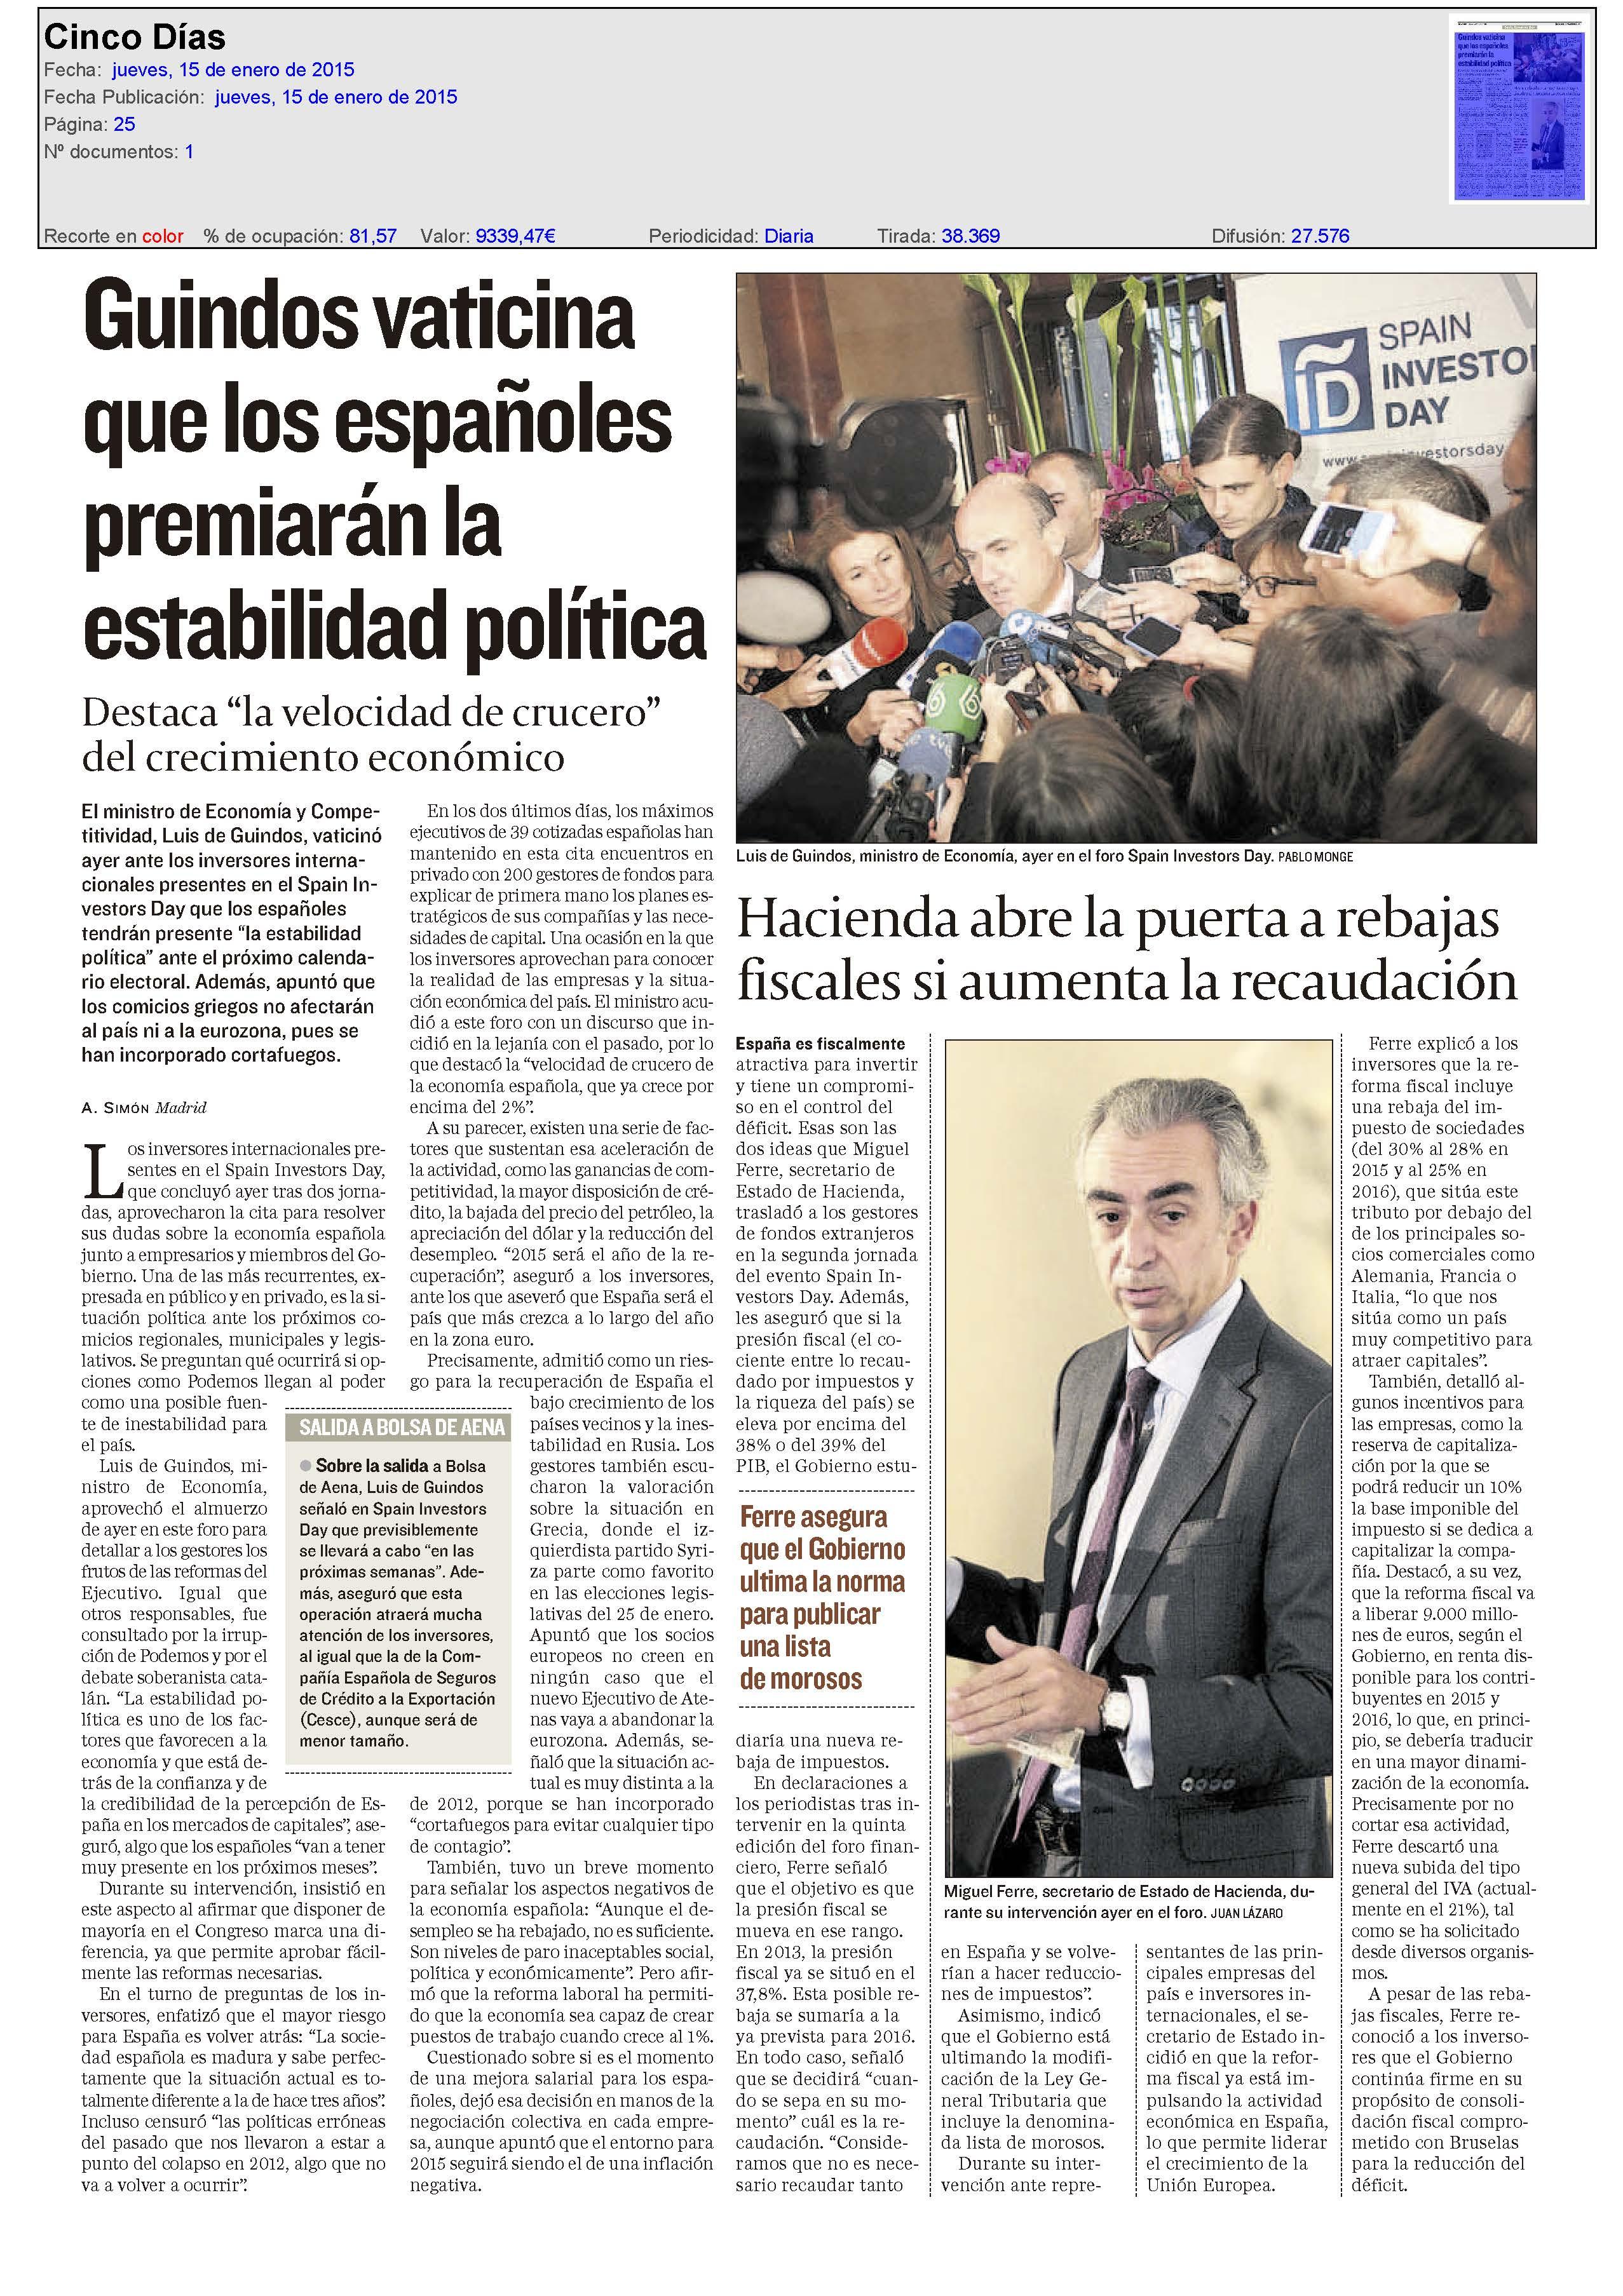 NoticiasenPrensa-CincoDias-150115